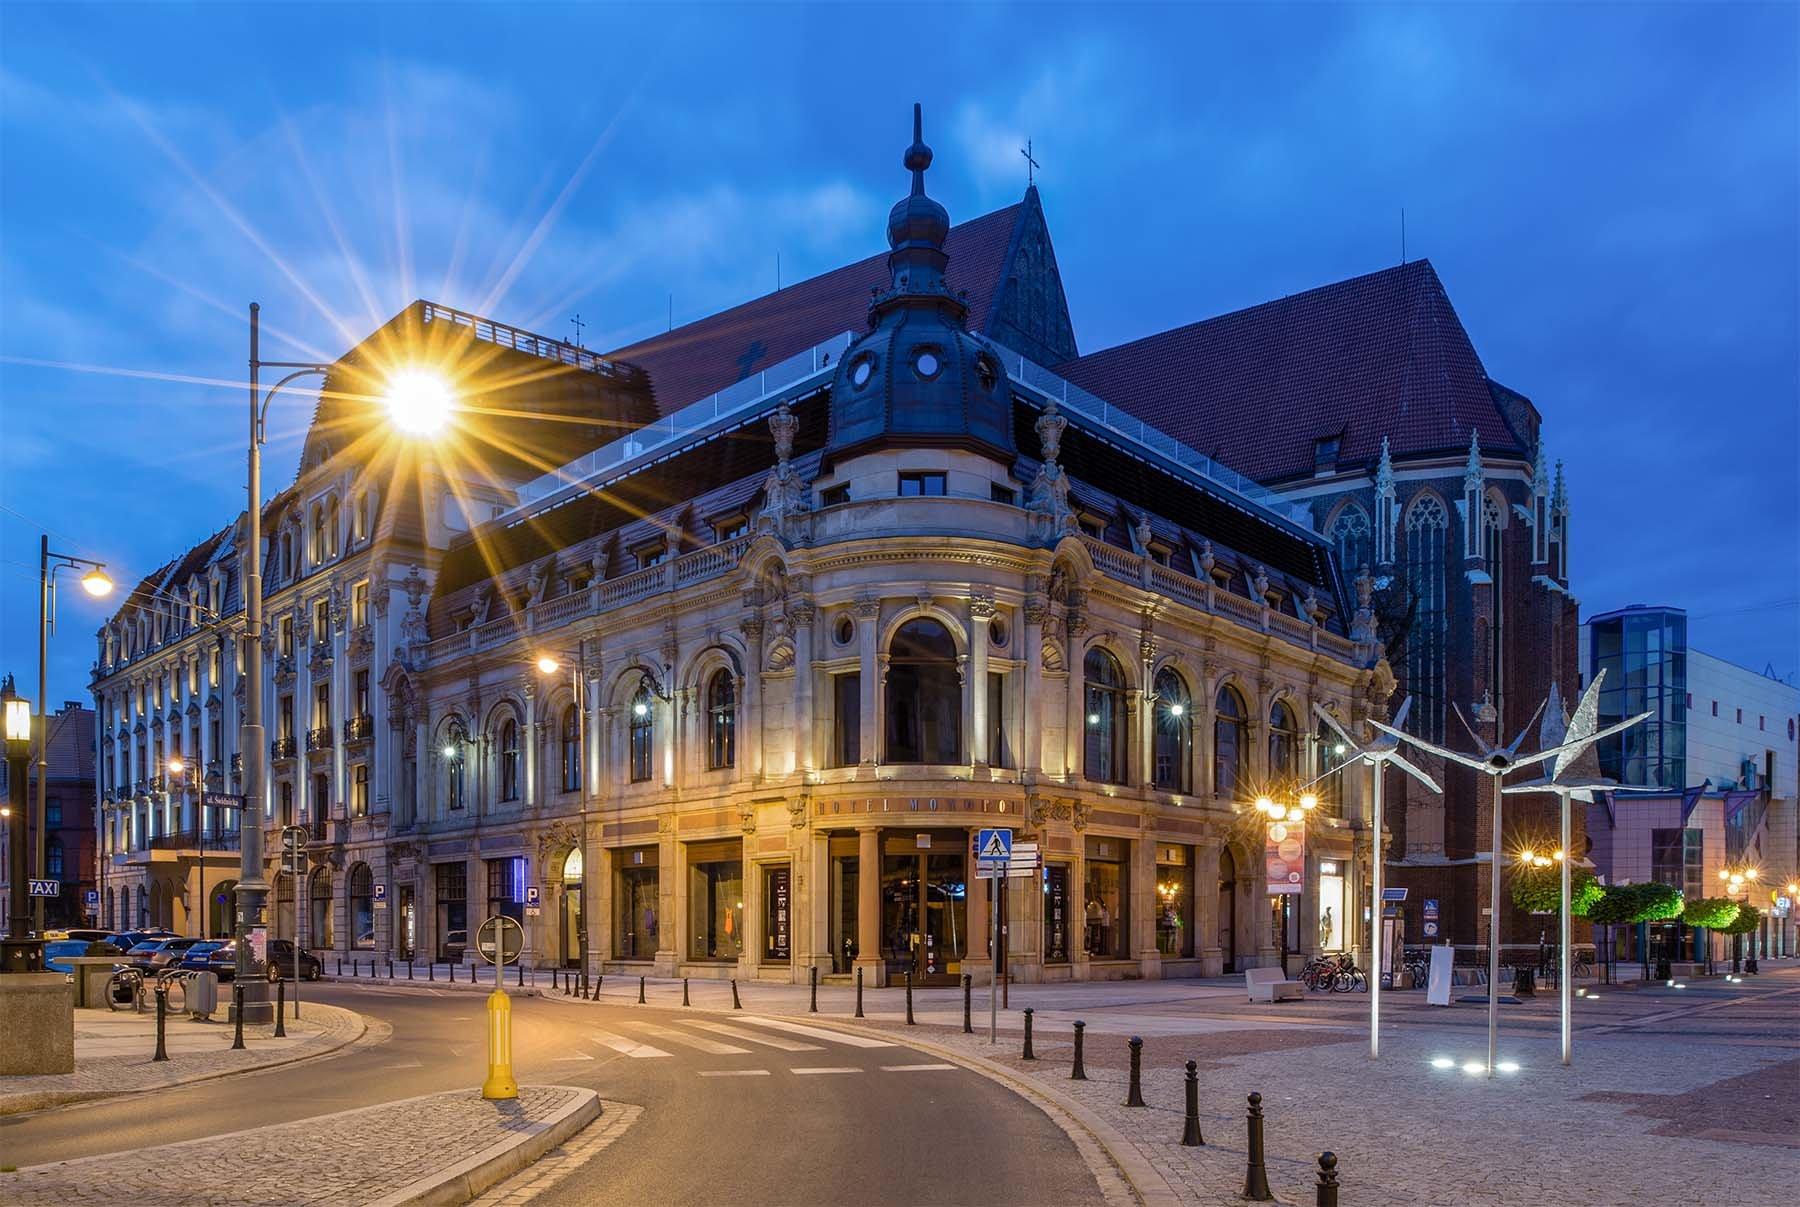 Odremontowany Hotel Monopol we Wrocławiu i ul. Świdnicka